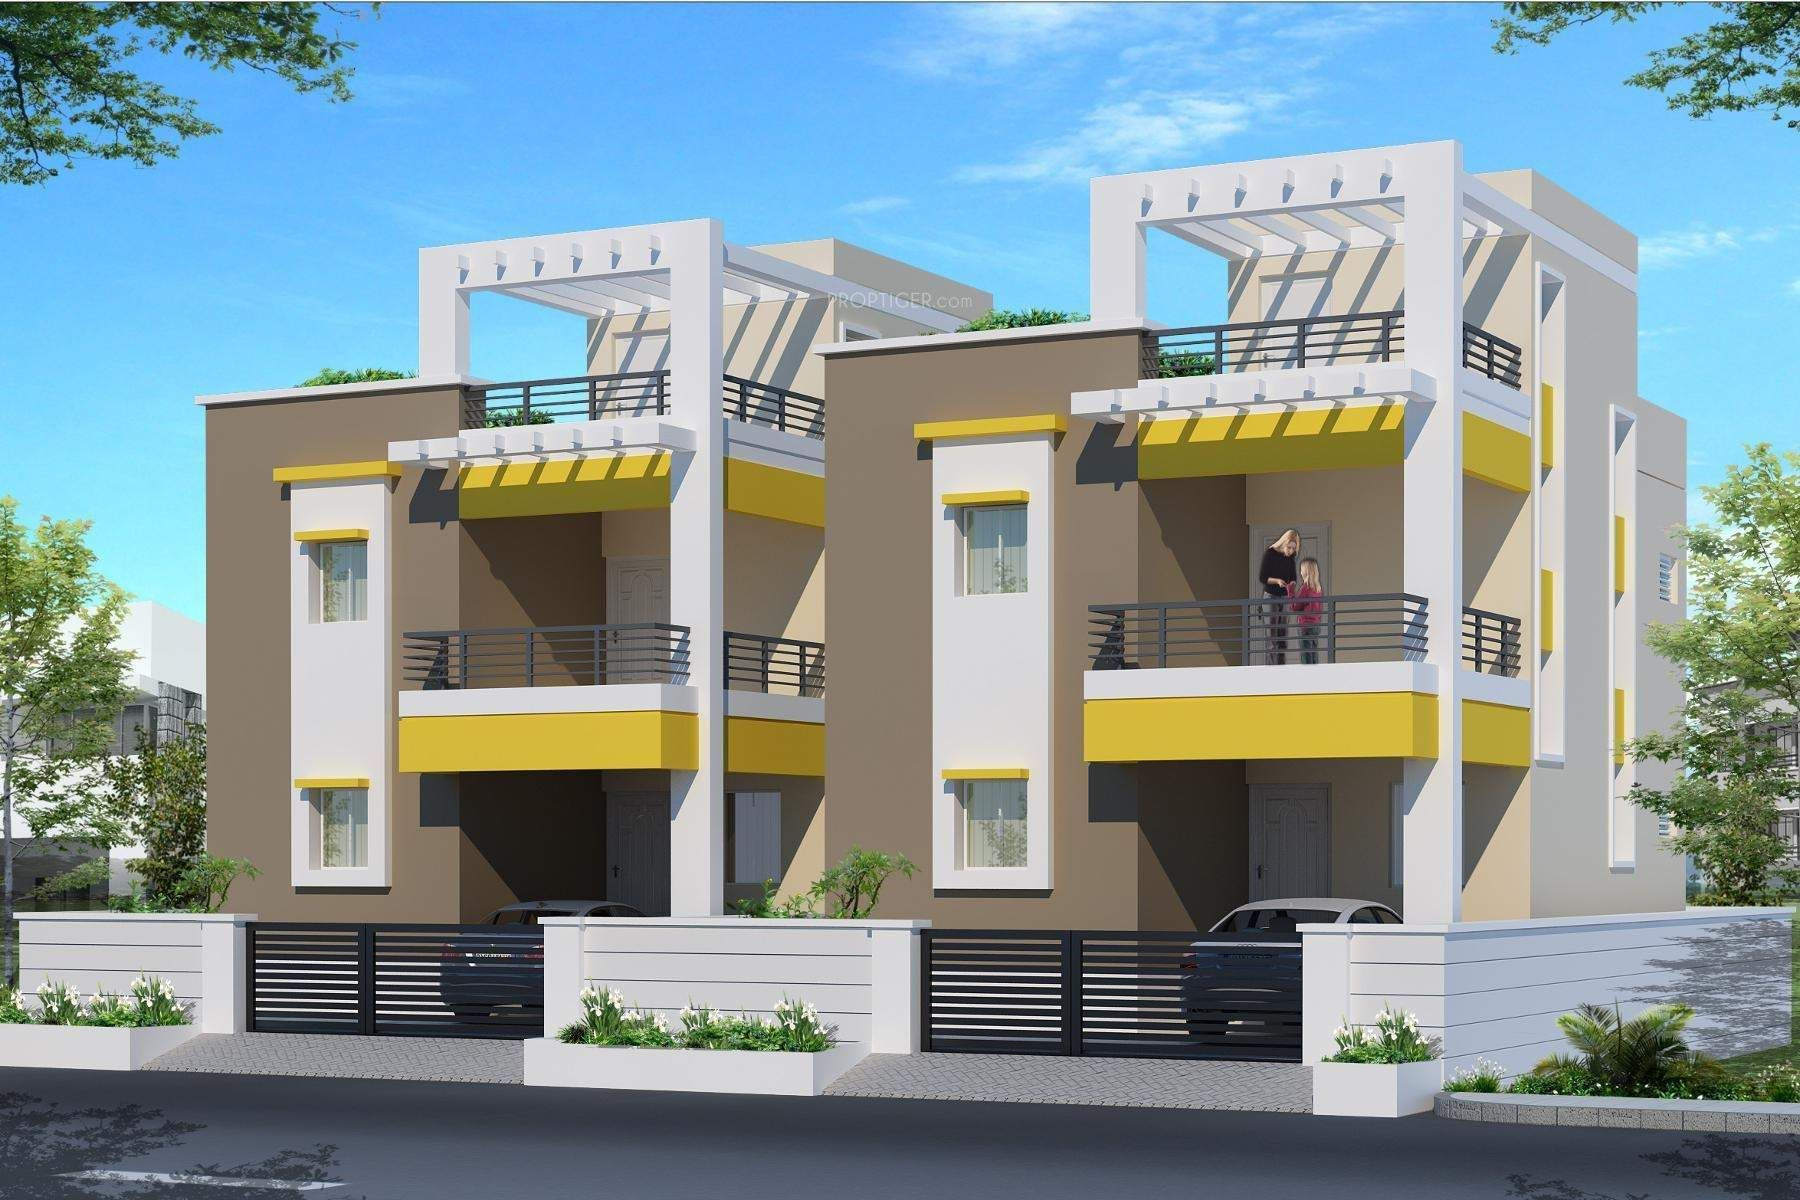 600 Sq Ft Duplex House Plans West Facing Duplex House Plans Model House Plan Duplex House Design